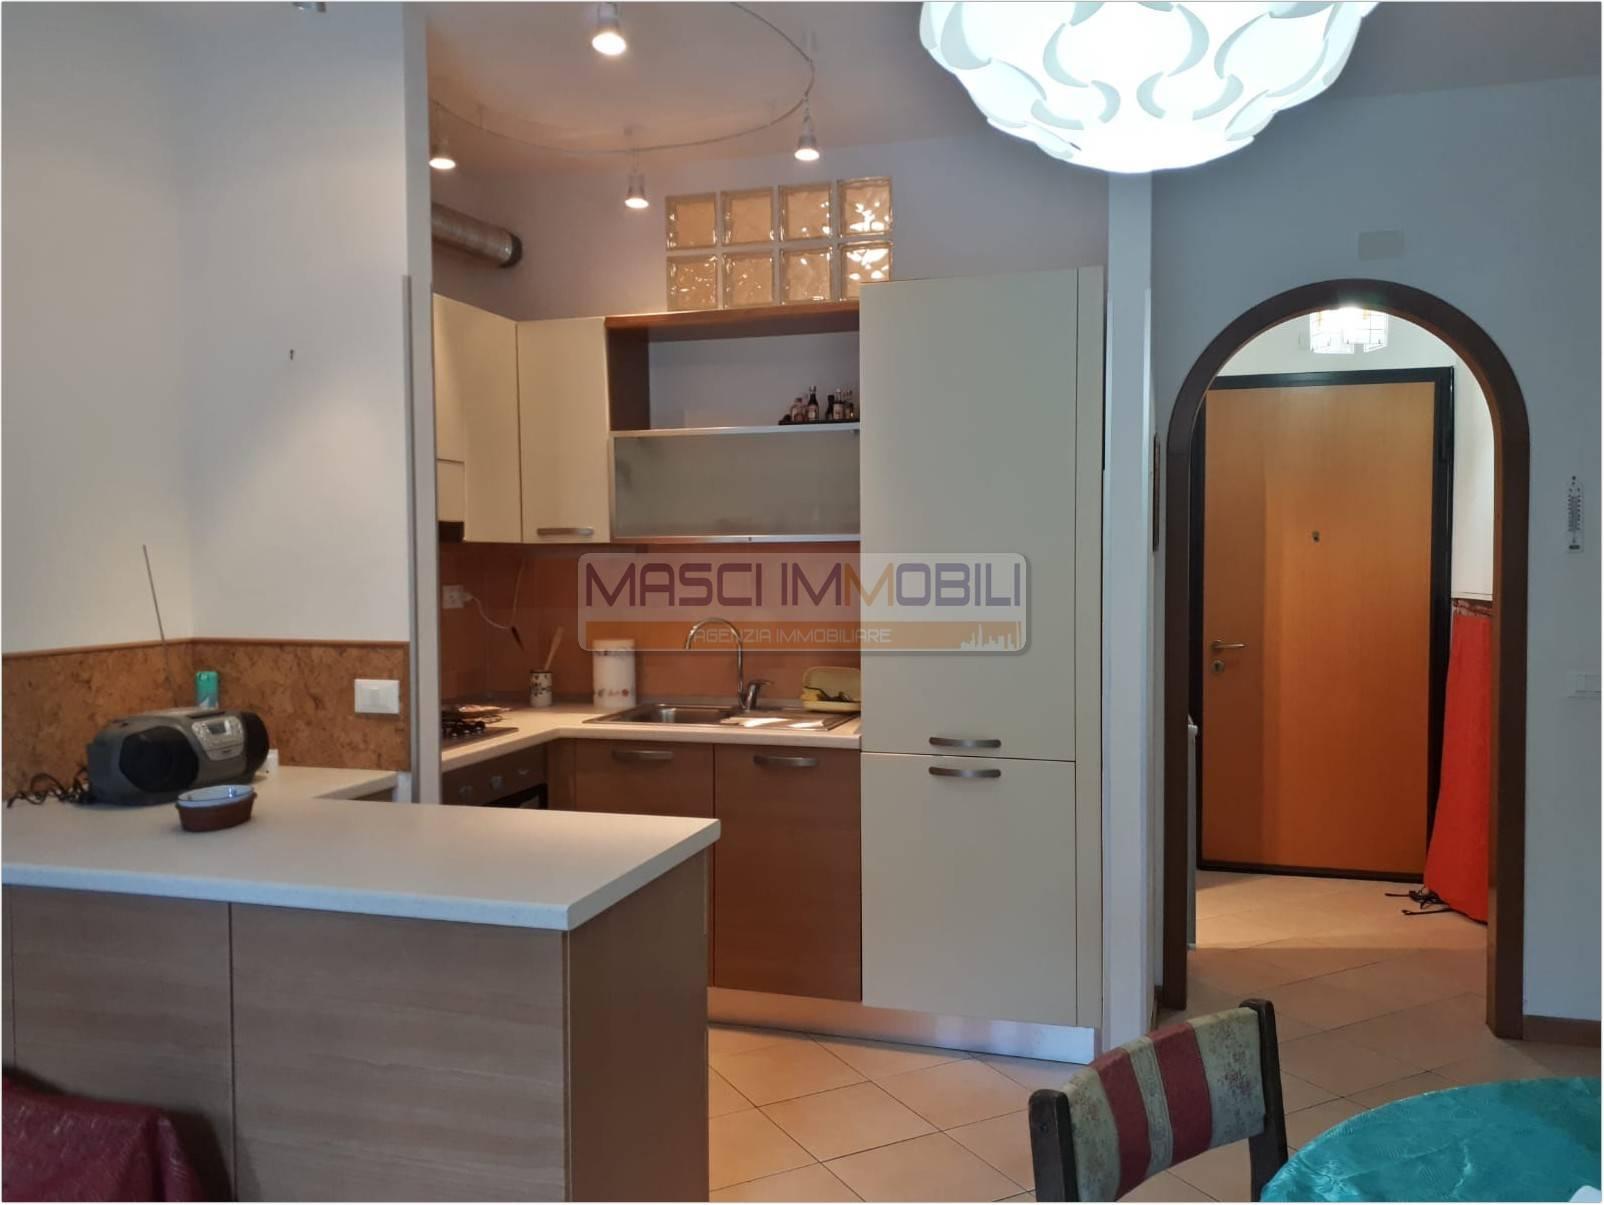 Appartamento in vendita a Fiano Romano, 3 locali, prezzo € 99.000 | CambioCasa.it